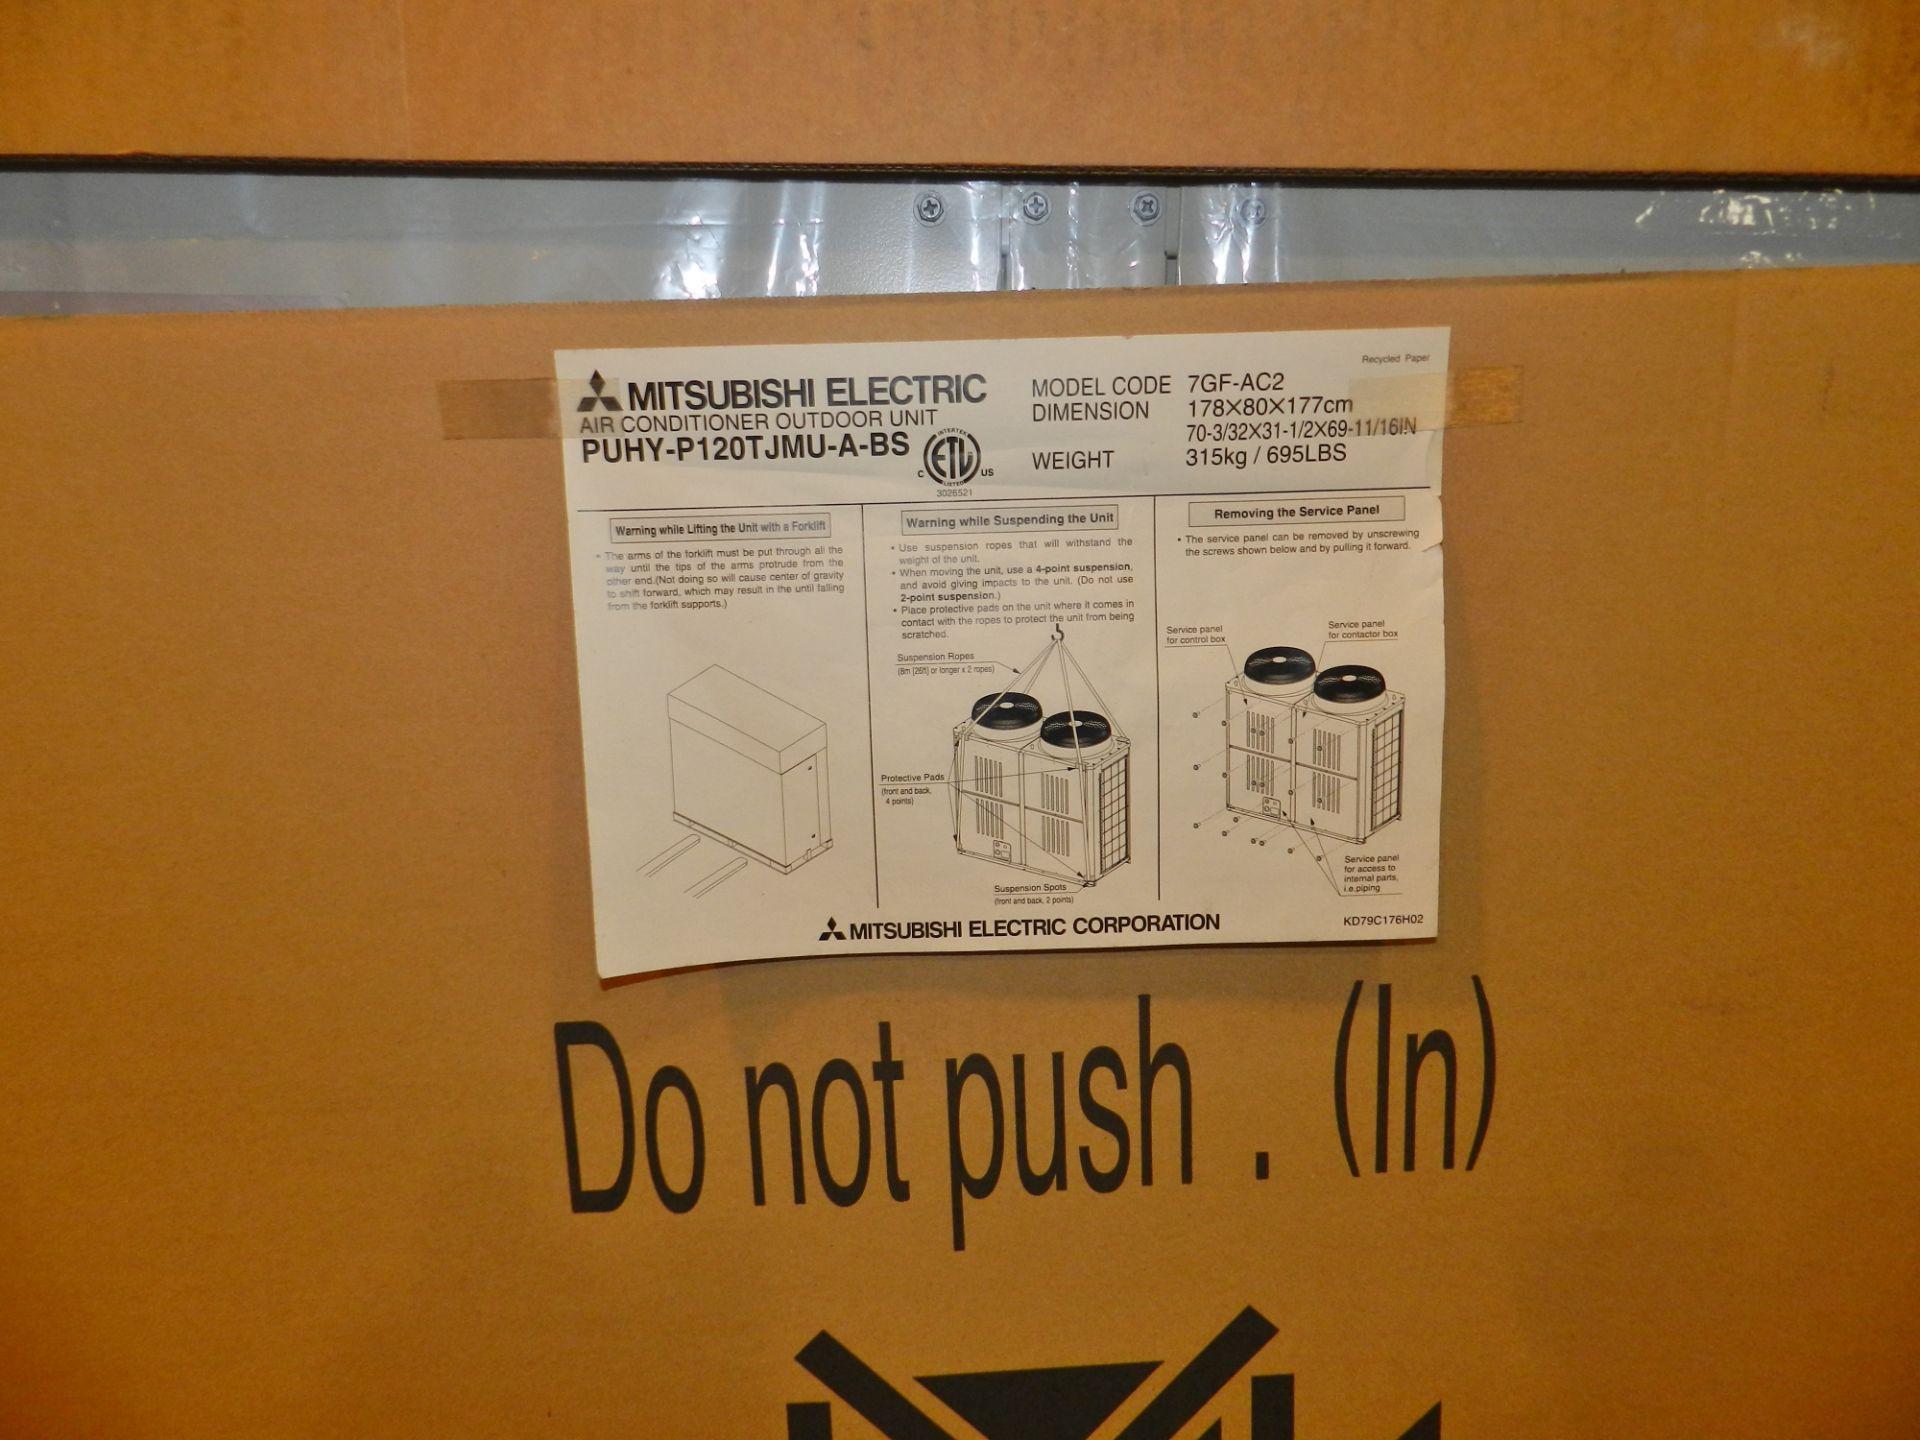 Lot 25 - Mitsubishi 10 Ton Air Conditioner Outdoor Unit PUHY-P120TJMU-A-BS